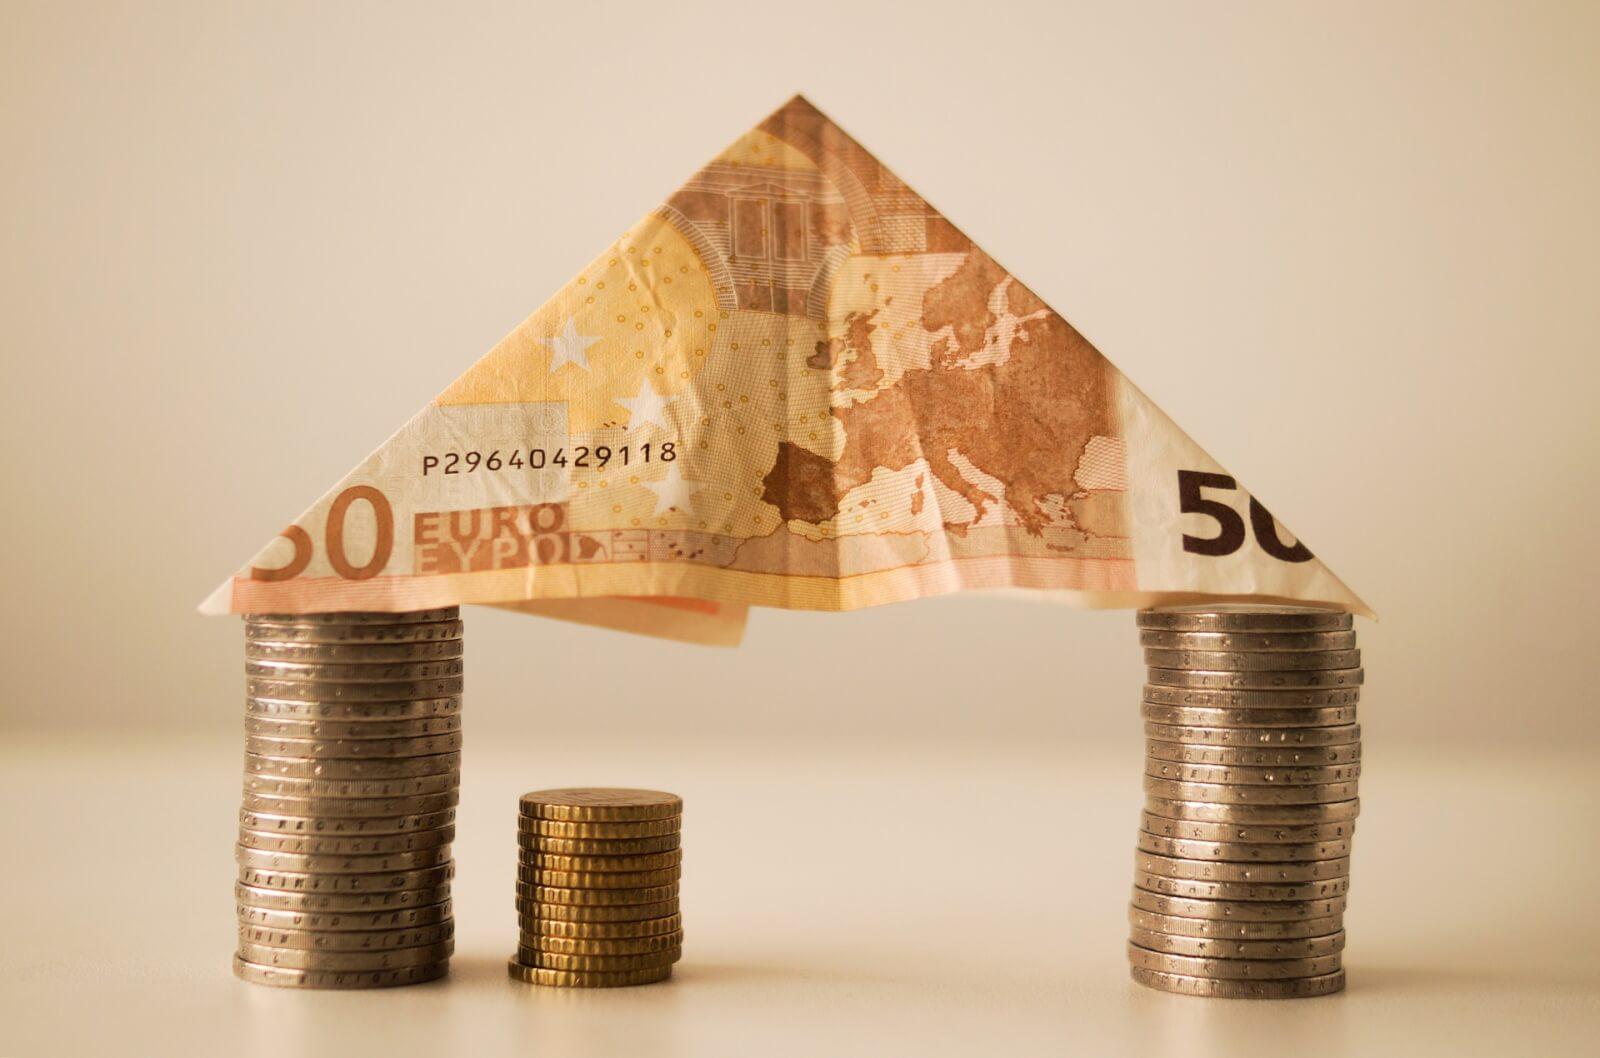 Changer l'assurance d'un prêt immobilier, c'est possible